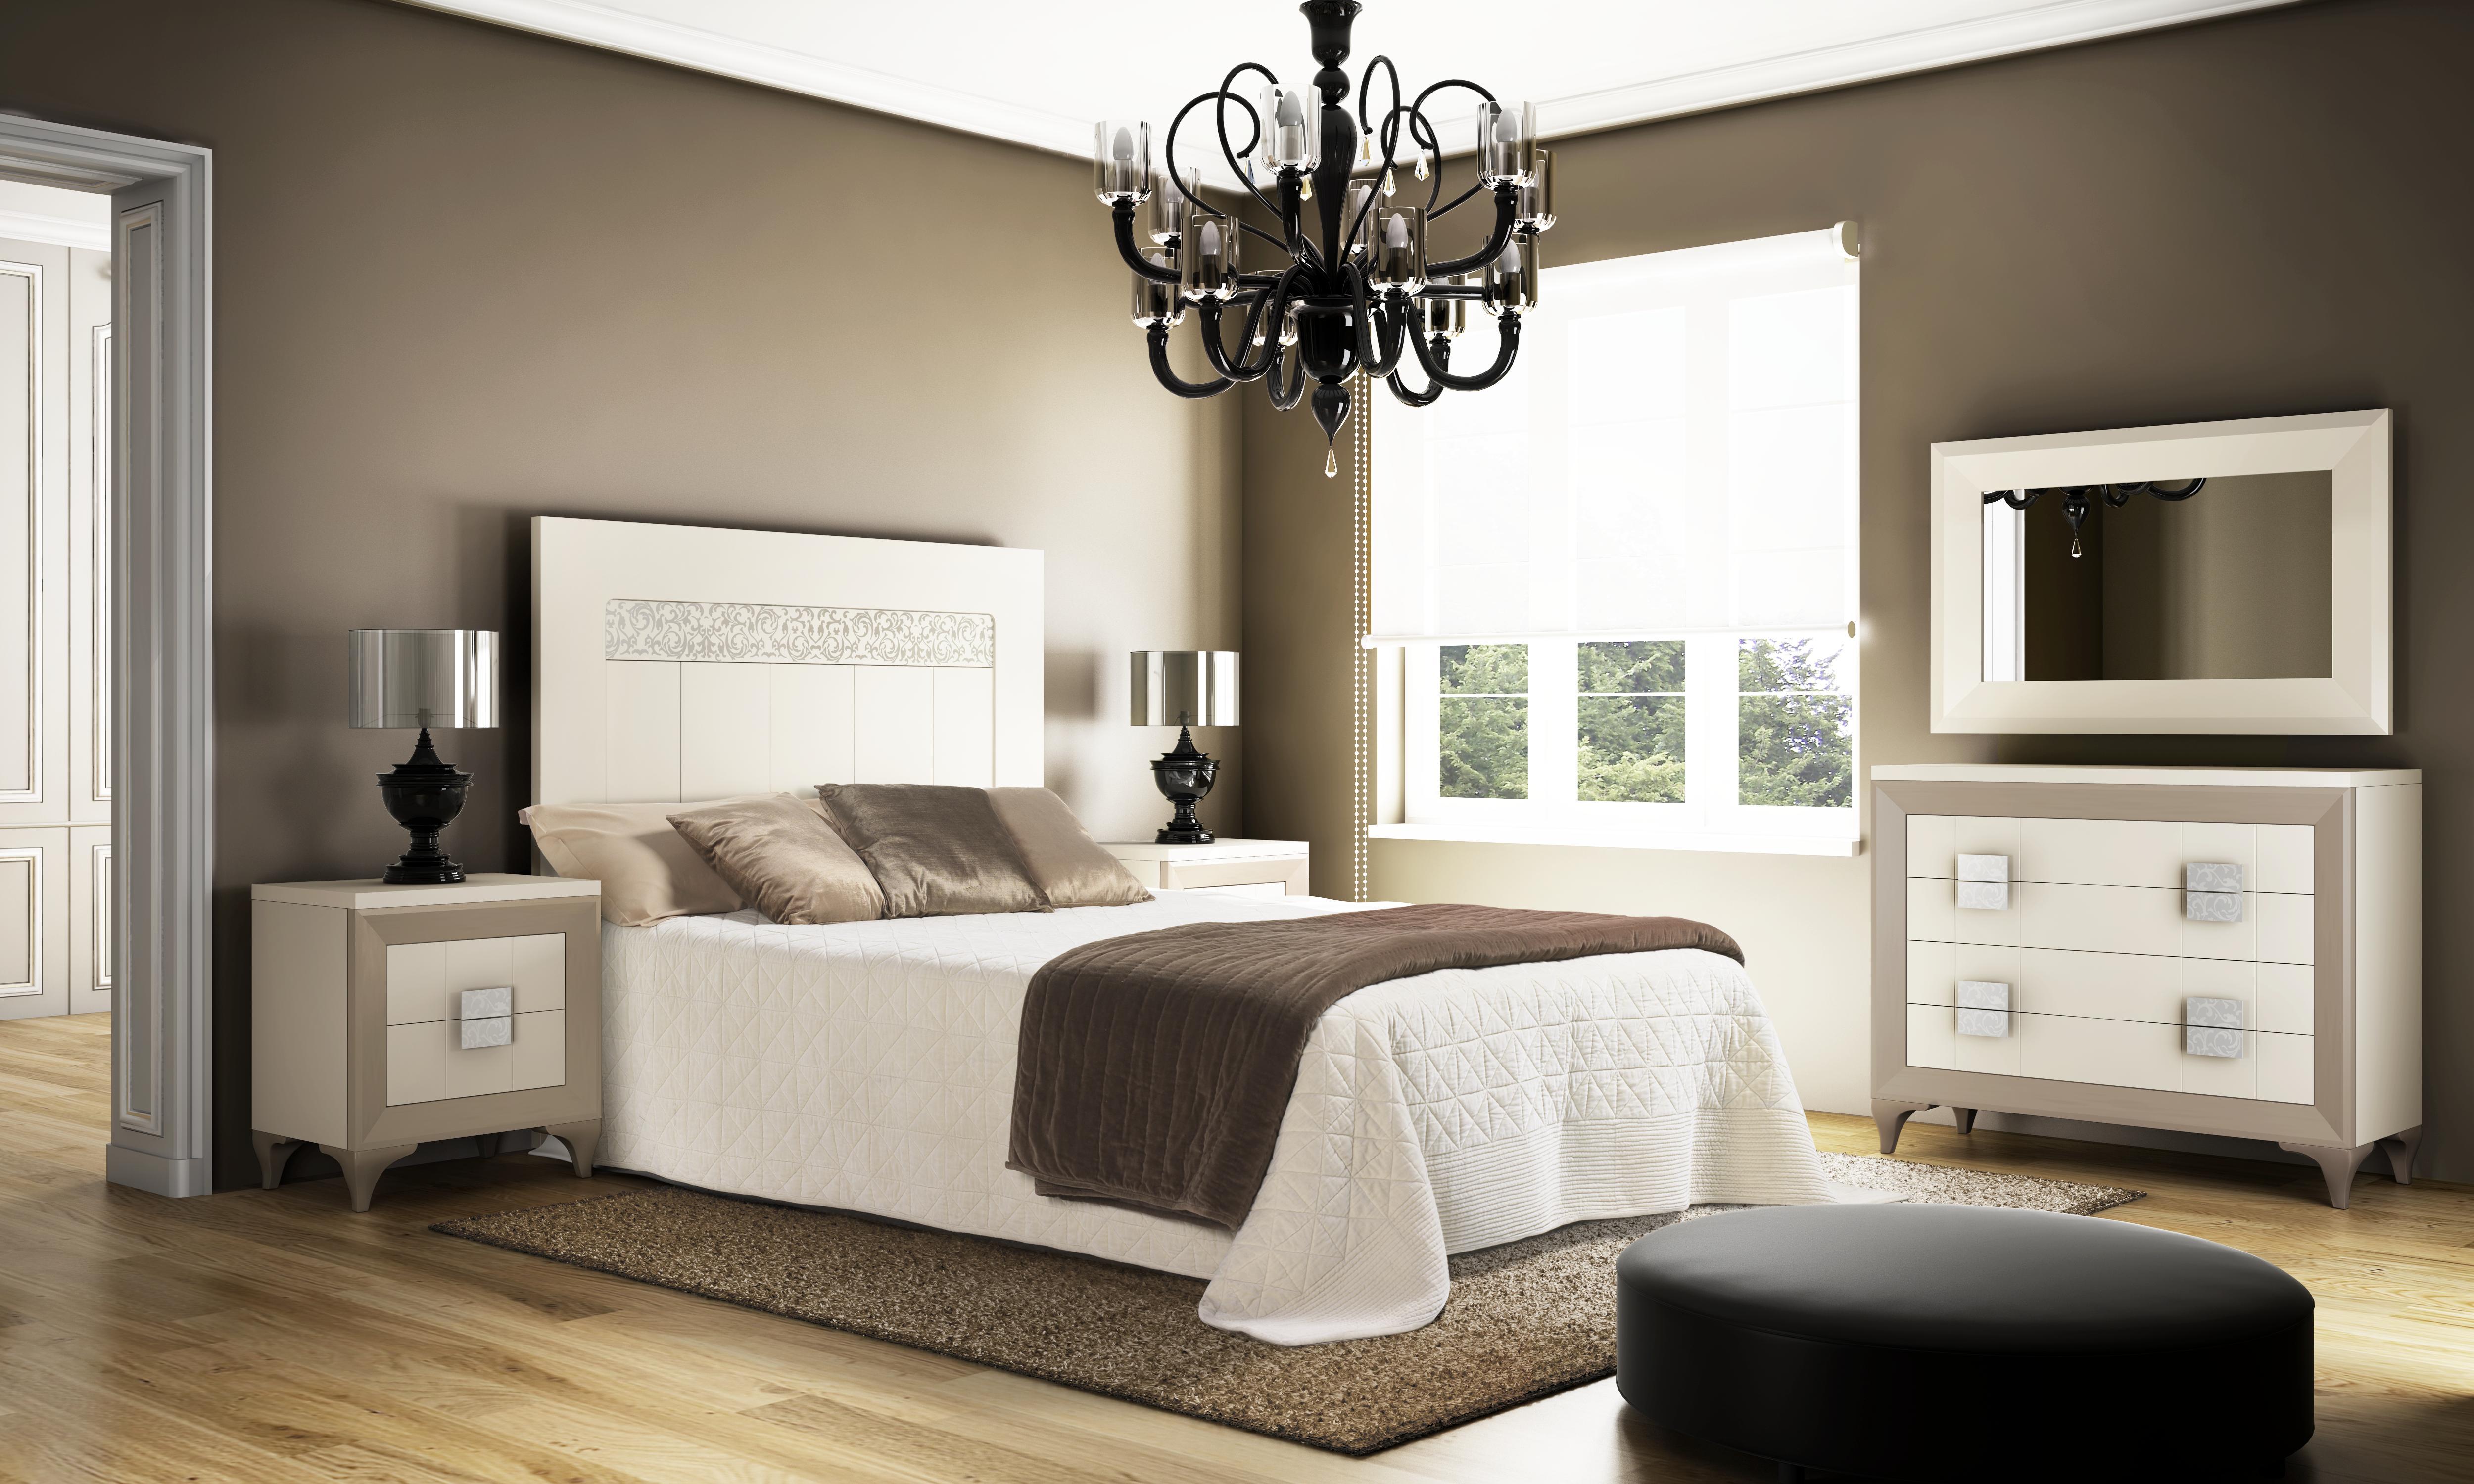 Dormitorios de matrimonio muebles montanaro for Decoracion muebles dormitorio